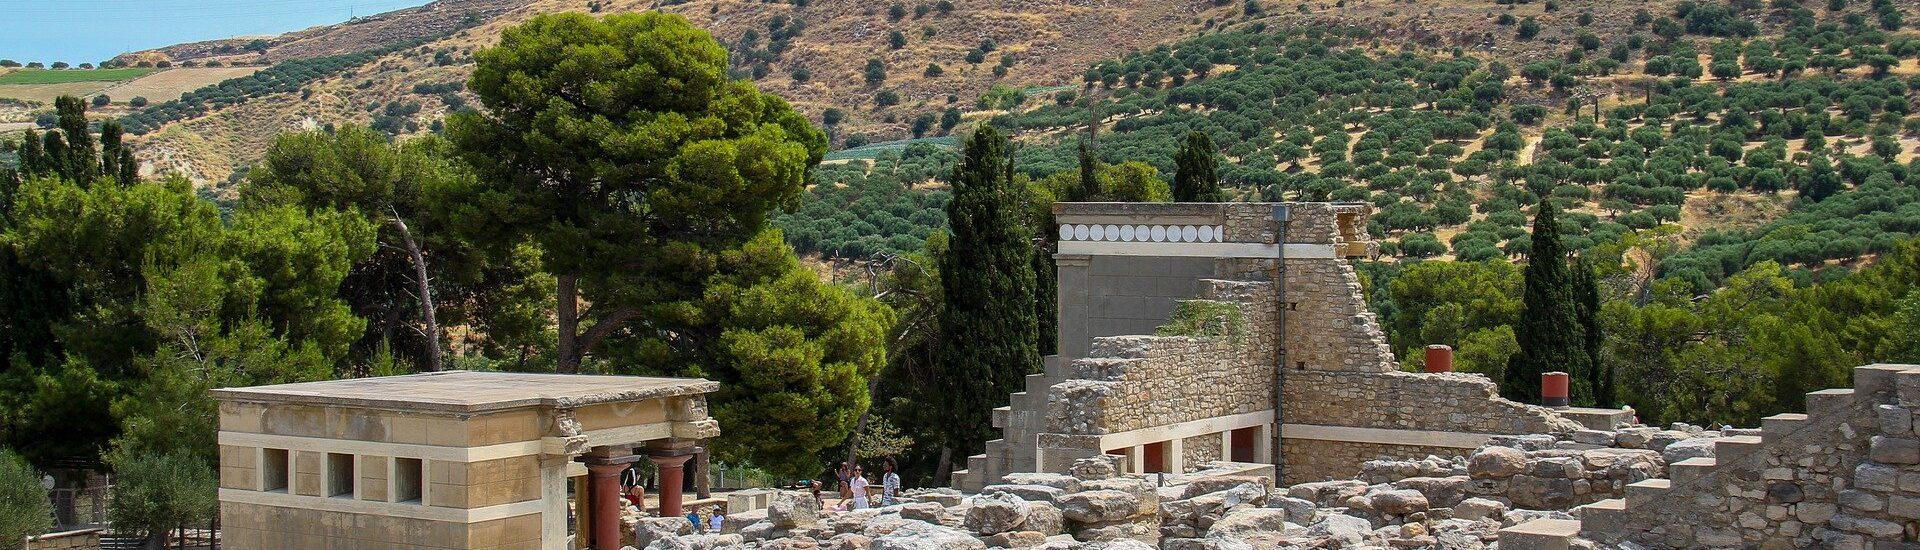 Το Διάζωμα και οι Αρχαιολογικοί χώροι των μινωικών ανακτόρων της Κρήτης